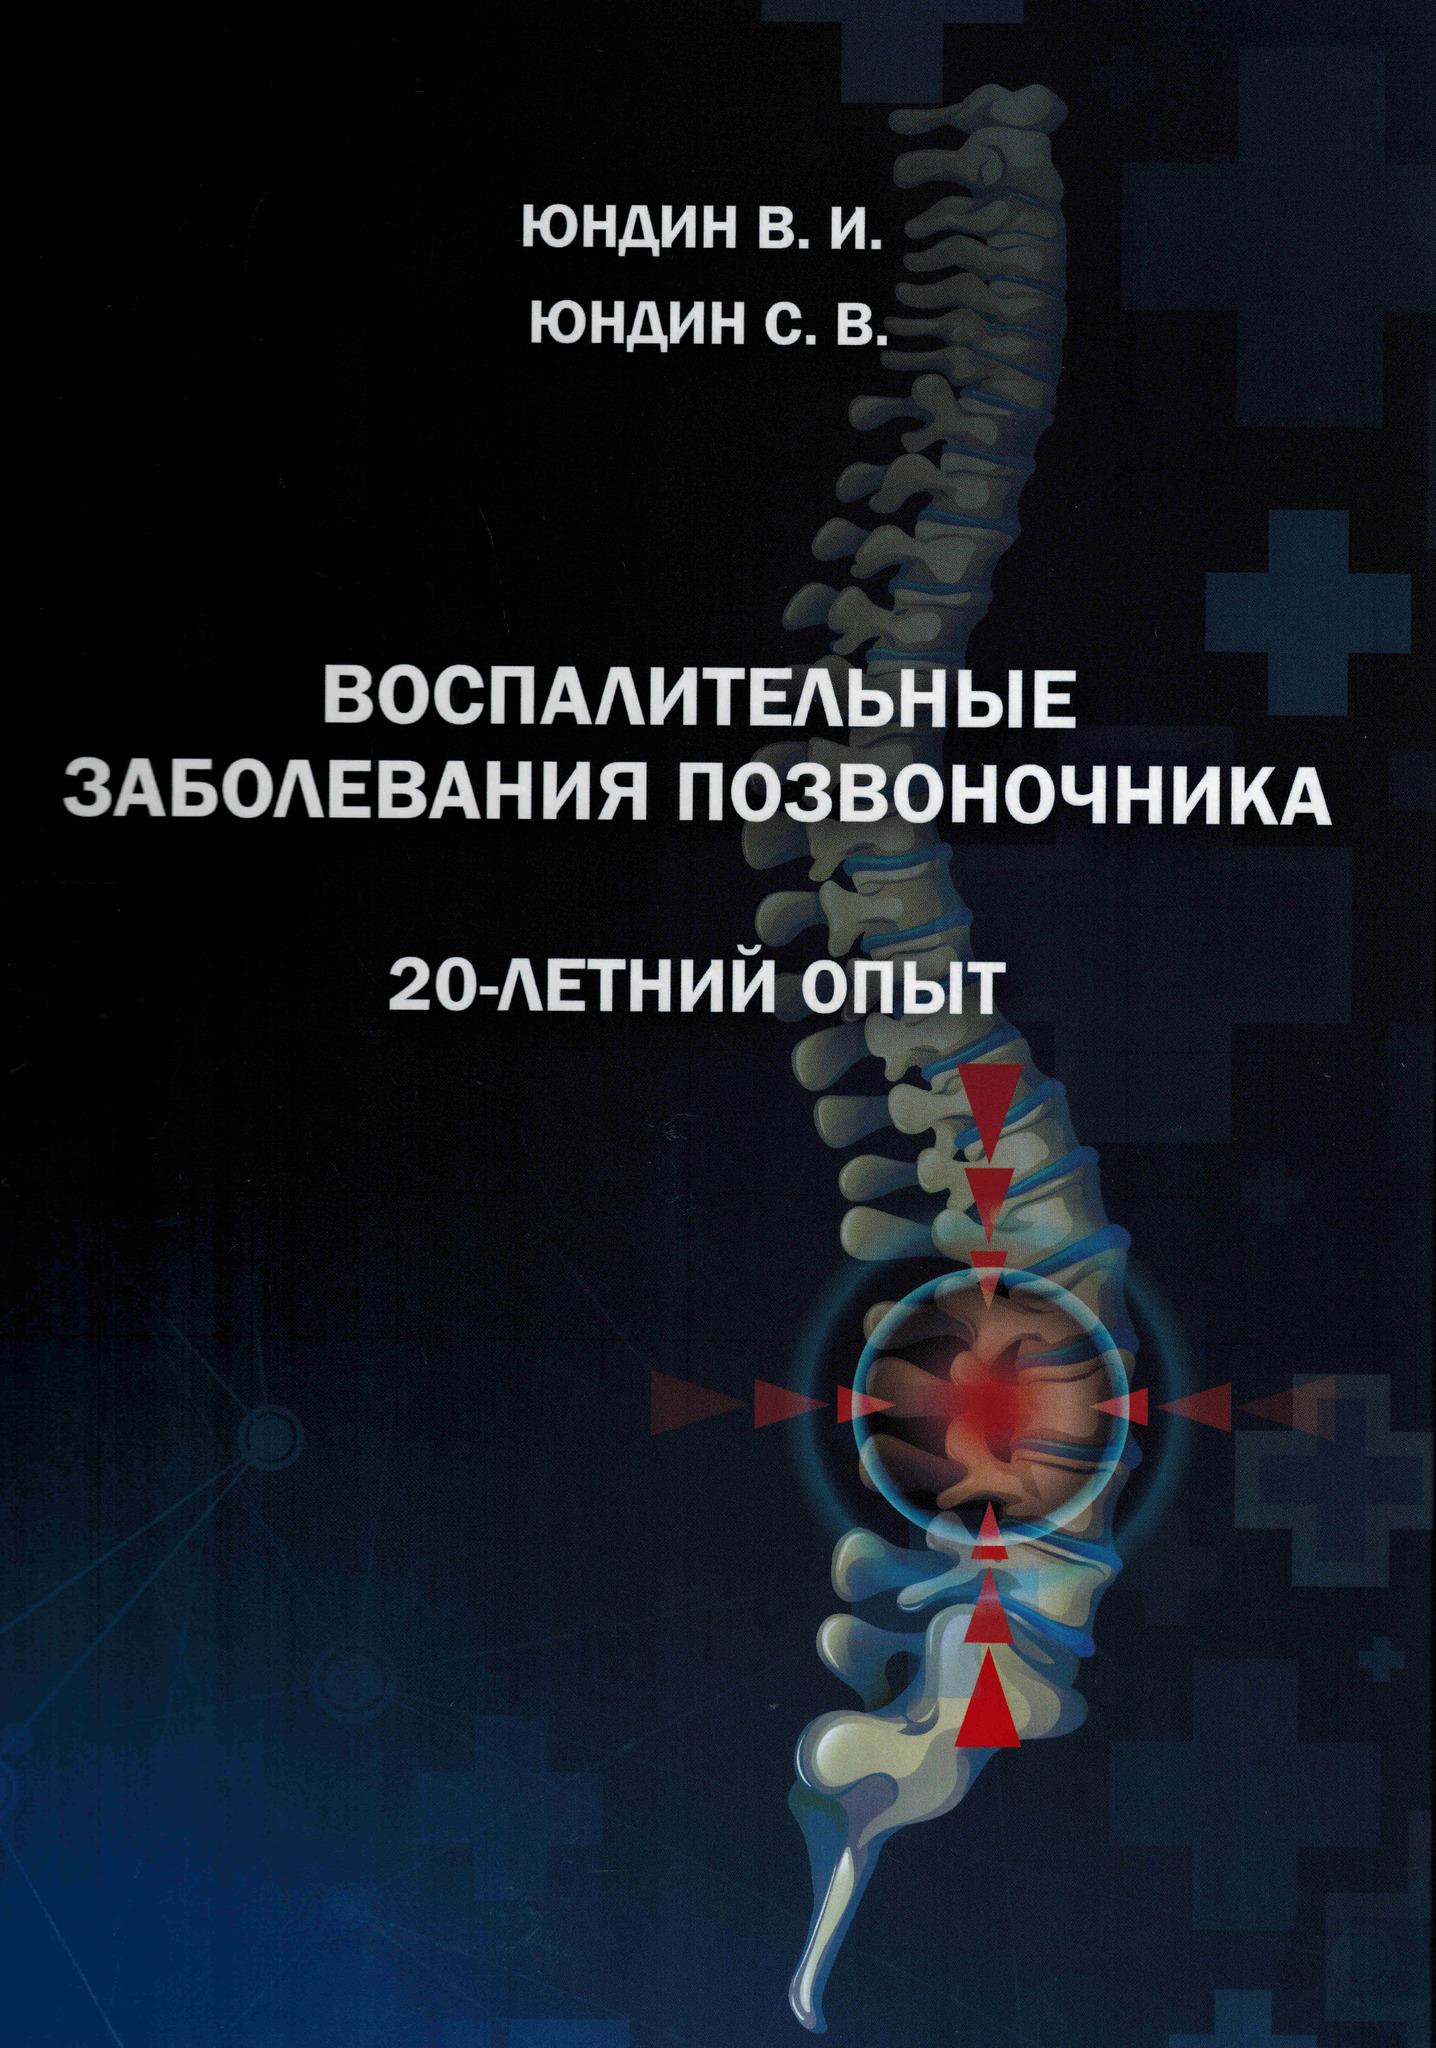 Новинки Воспалительные заболевания позвоночника. 20-летний опыт vzp.jpg